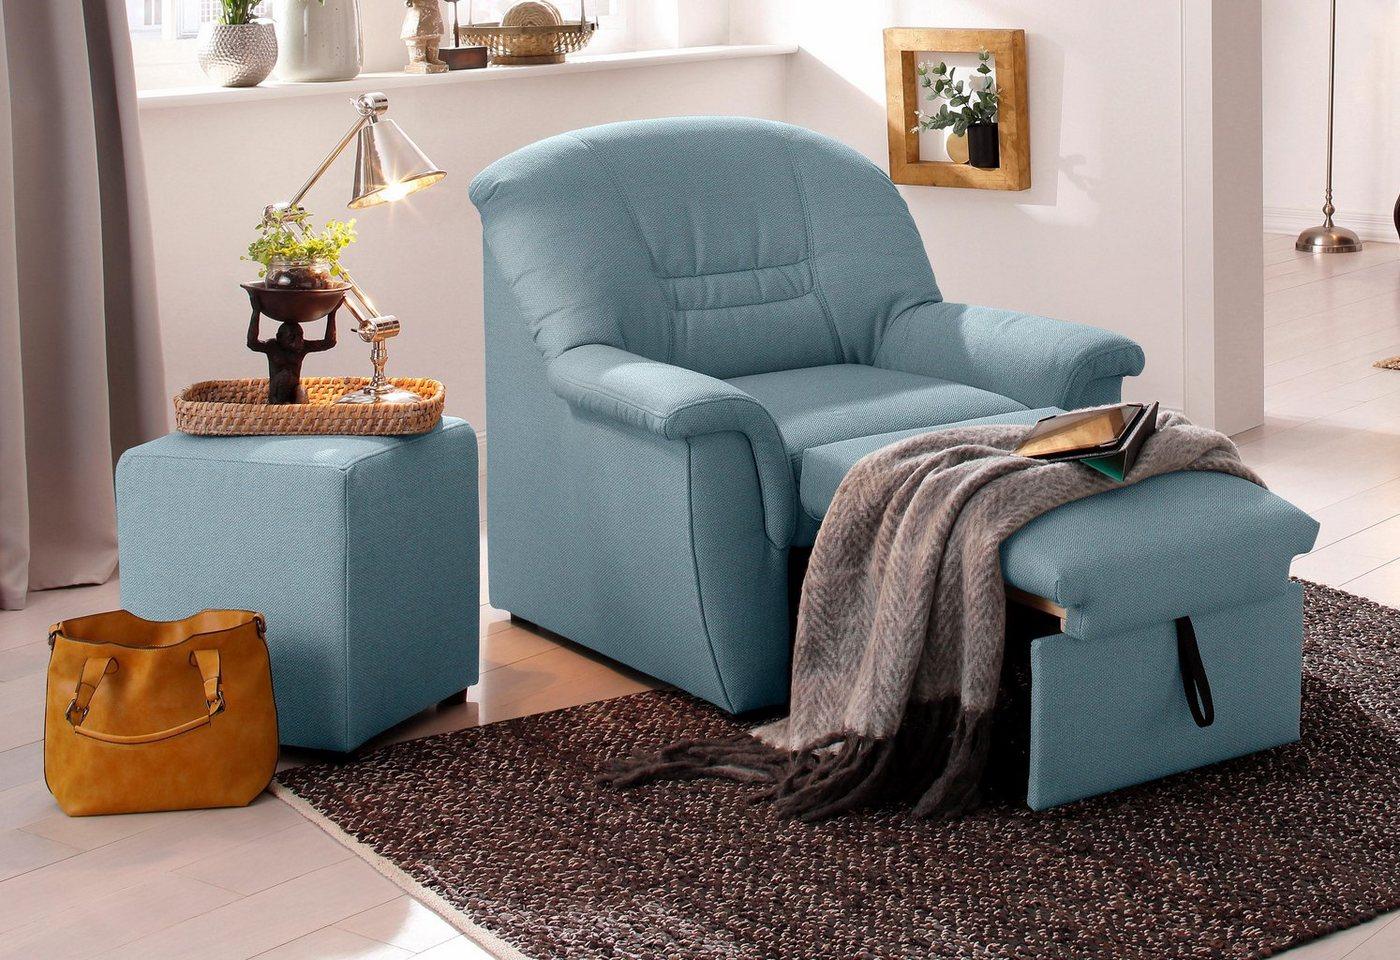 HOME AFFAIRE relaxfauteuil Zoe, met uittrekbaar voetensteuntje en binnenveringsinterieur